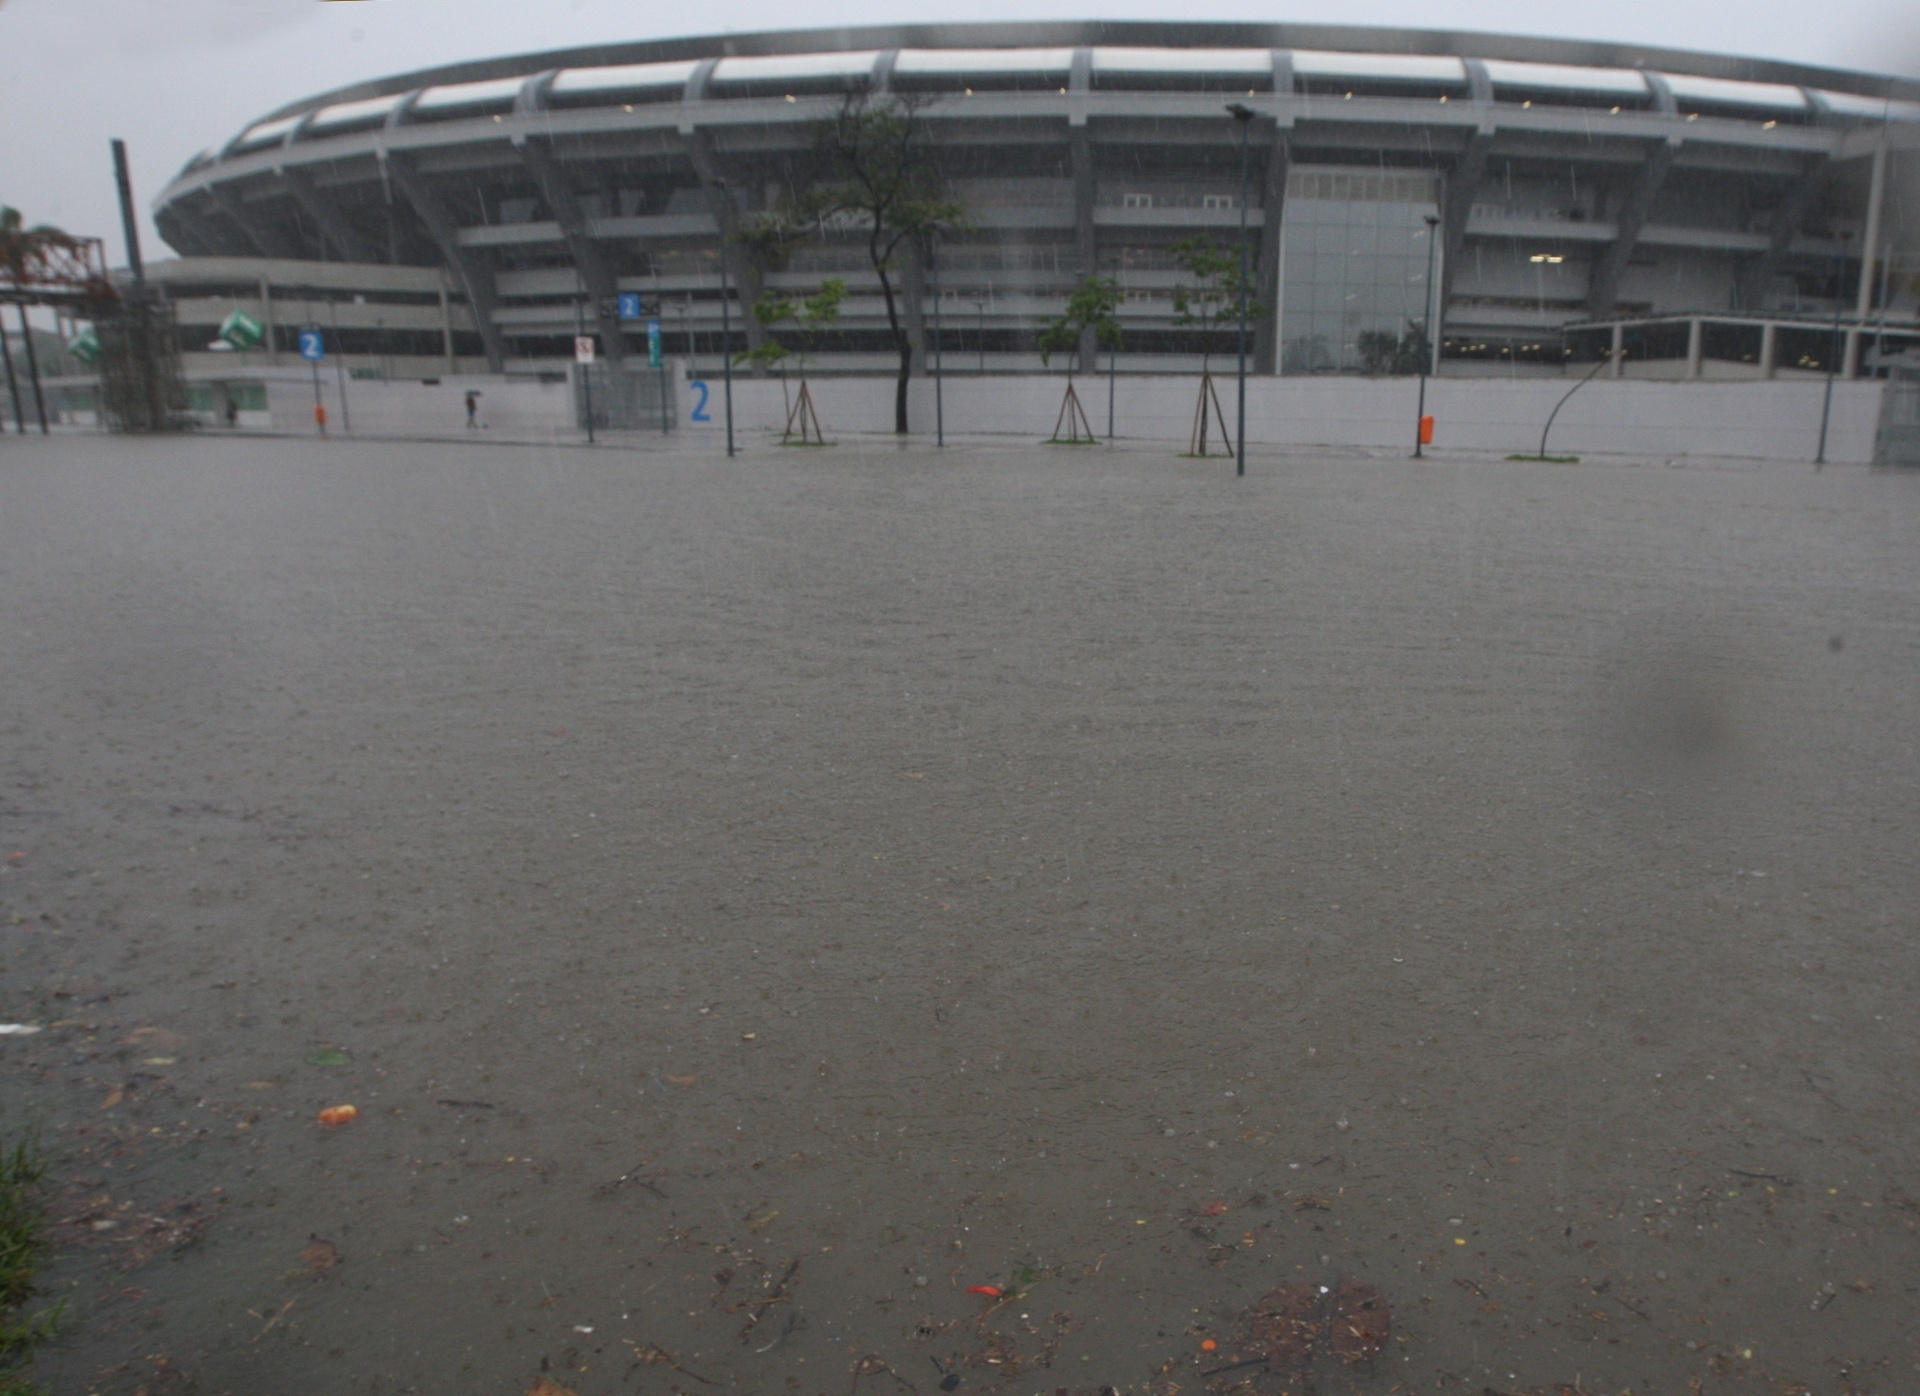 11.dez.2013 - A avenida Radial Oeste, na altura do estádio do Maracanã, na zona norte do Rio de Janeiro, fica alagada na manhã desta quarta-feira (11) devido à forte chuva que atinge a cidade